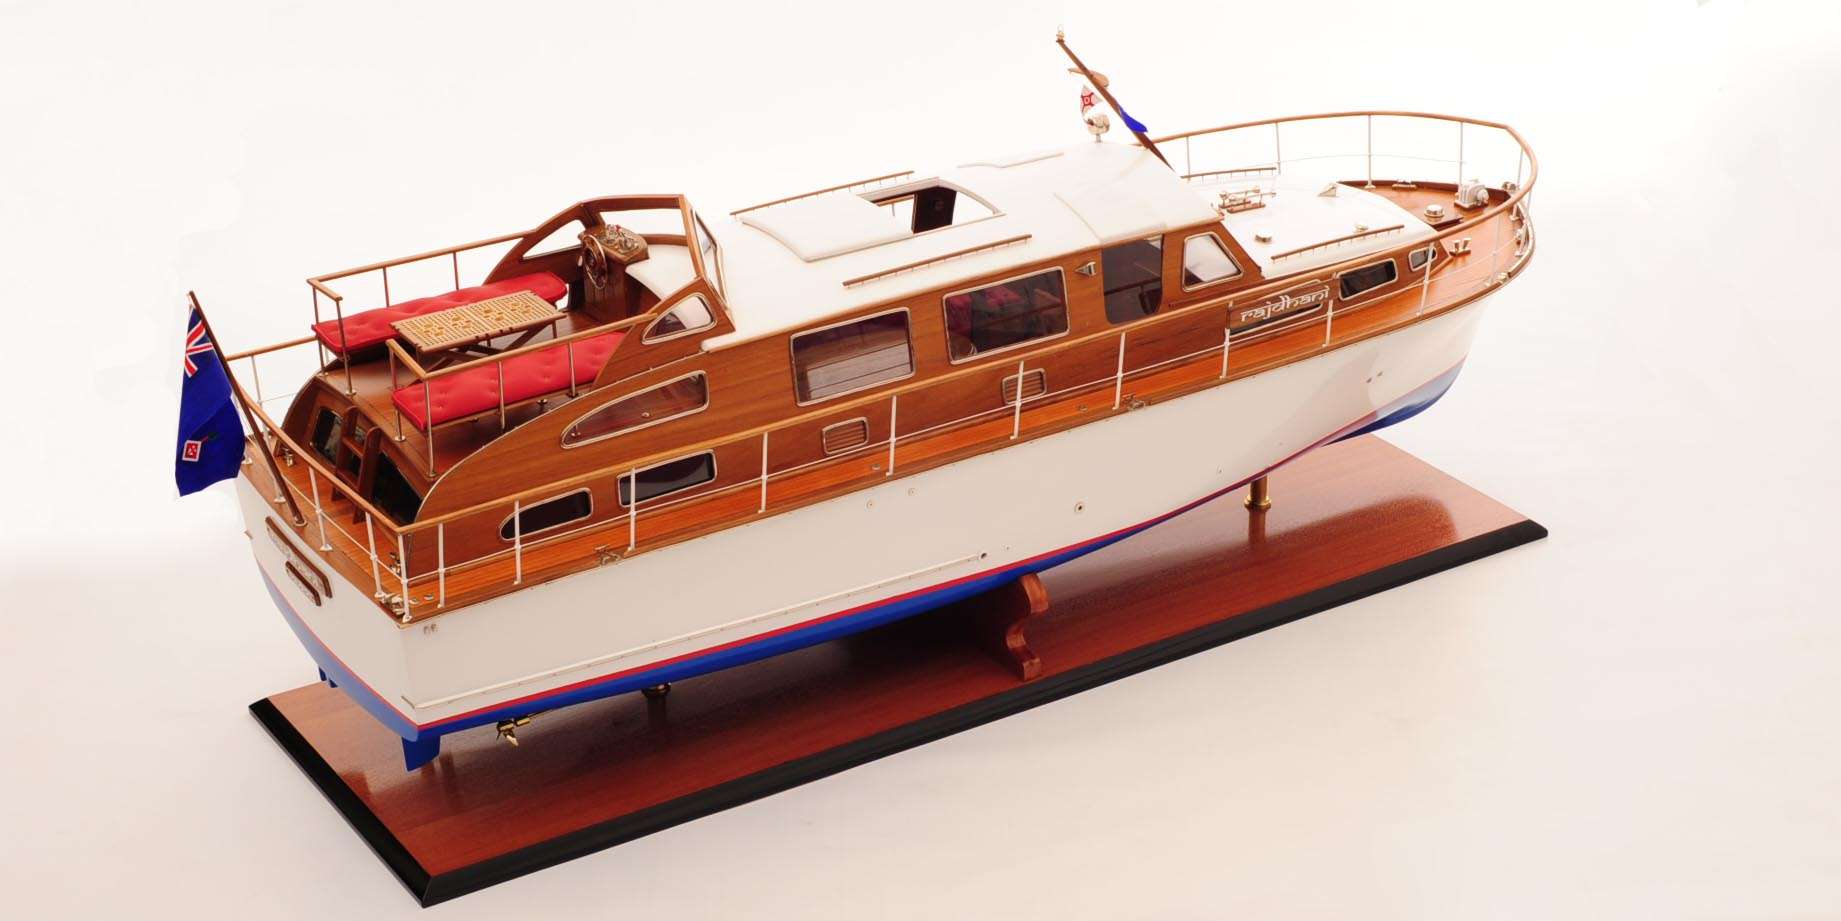 1473-4395-Starcraft-40-Model-Boat-Rajdhani